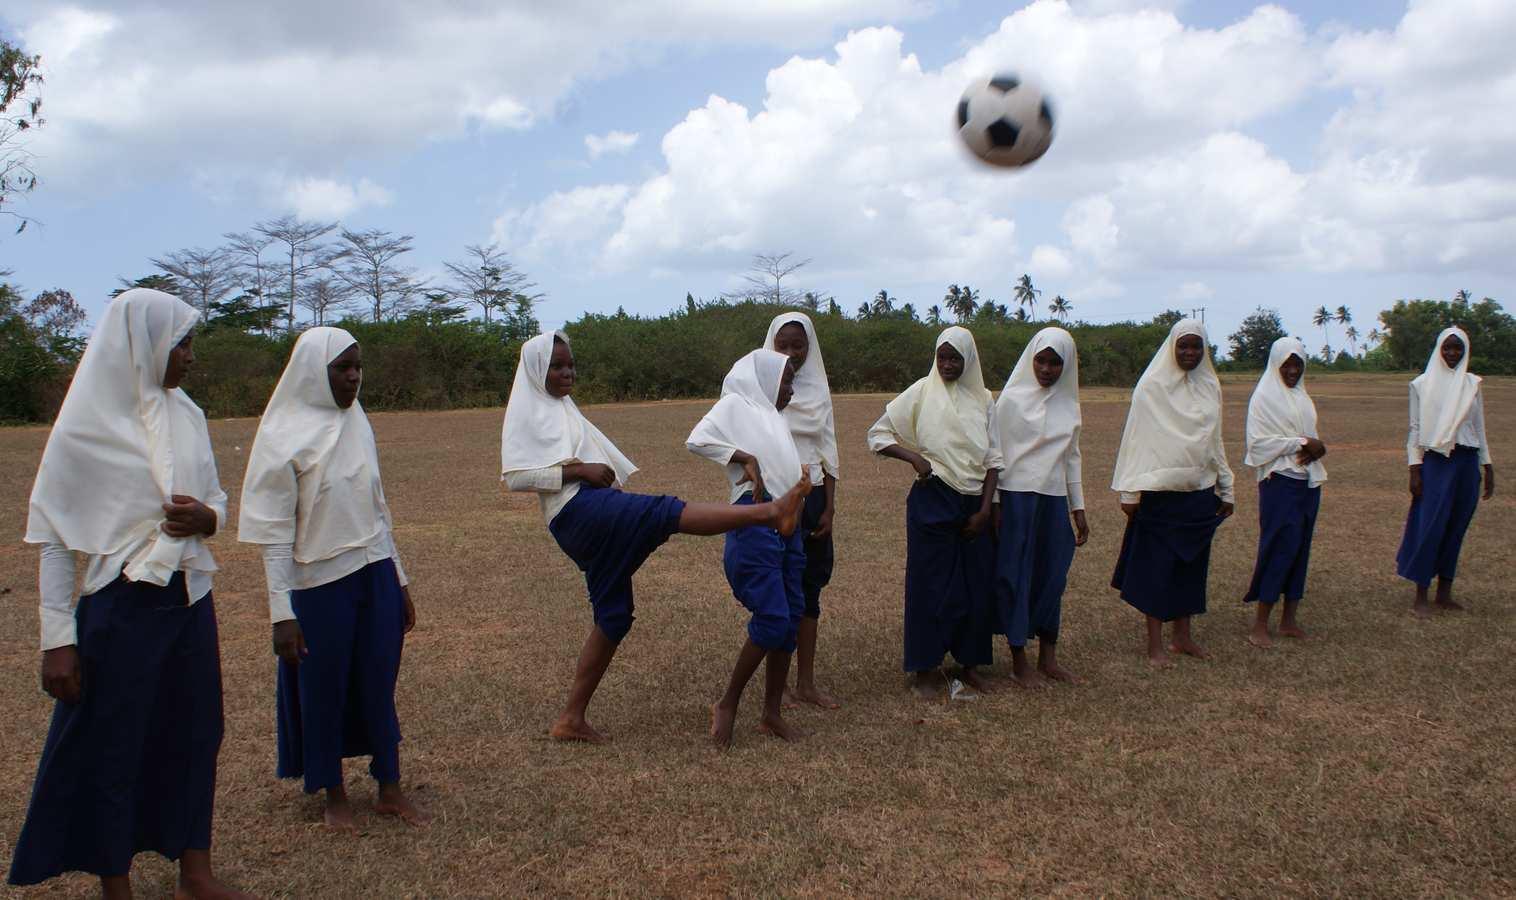 Zanzibar Soccer Queens. Still images from the film. Neil Gibson